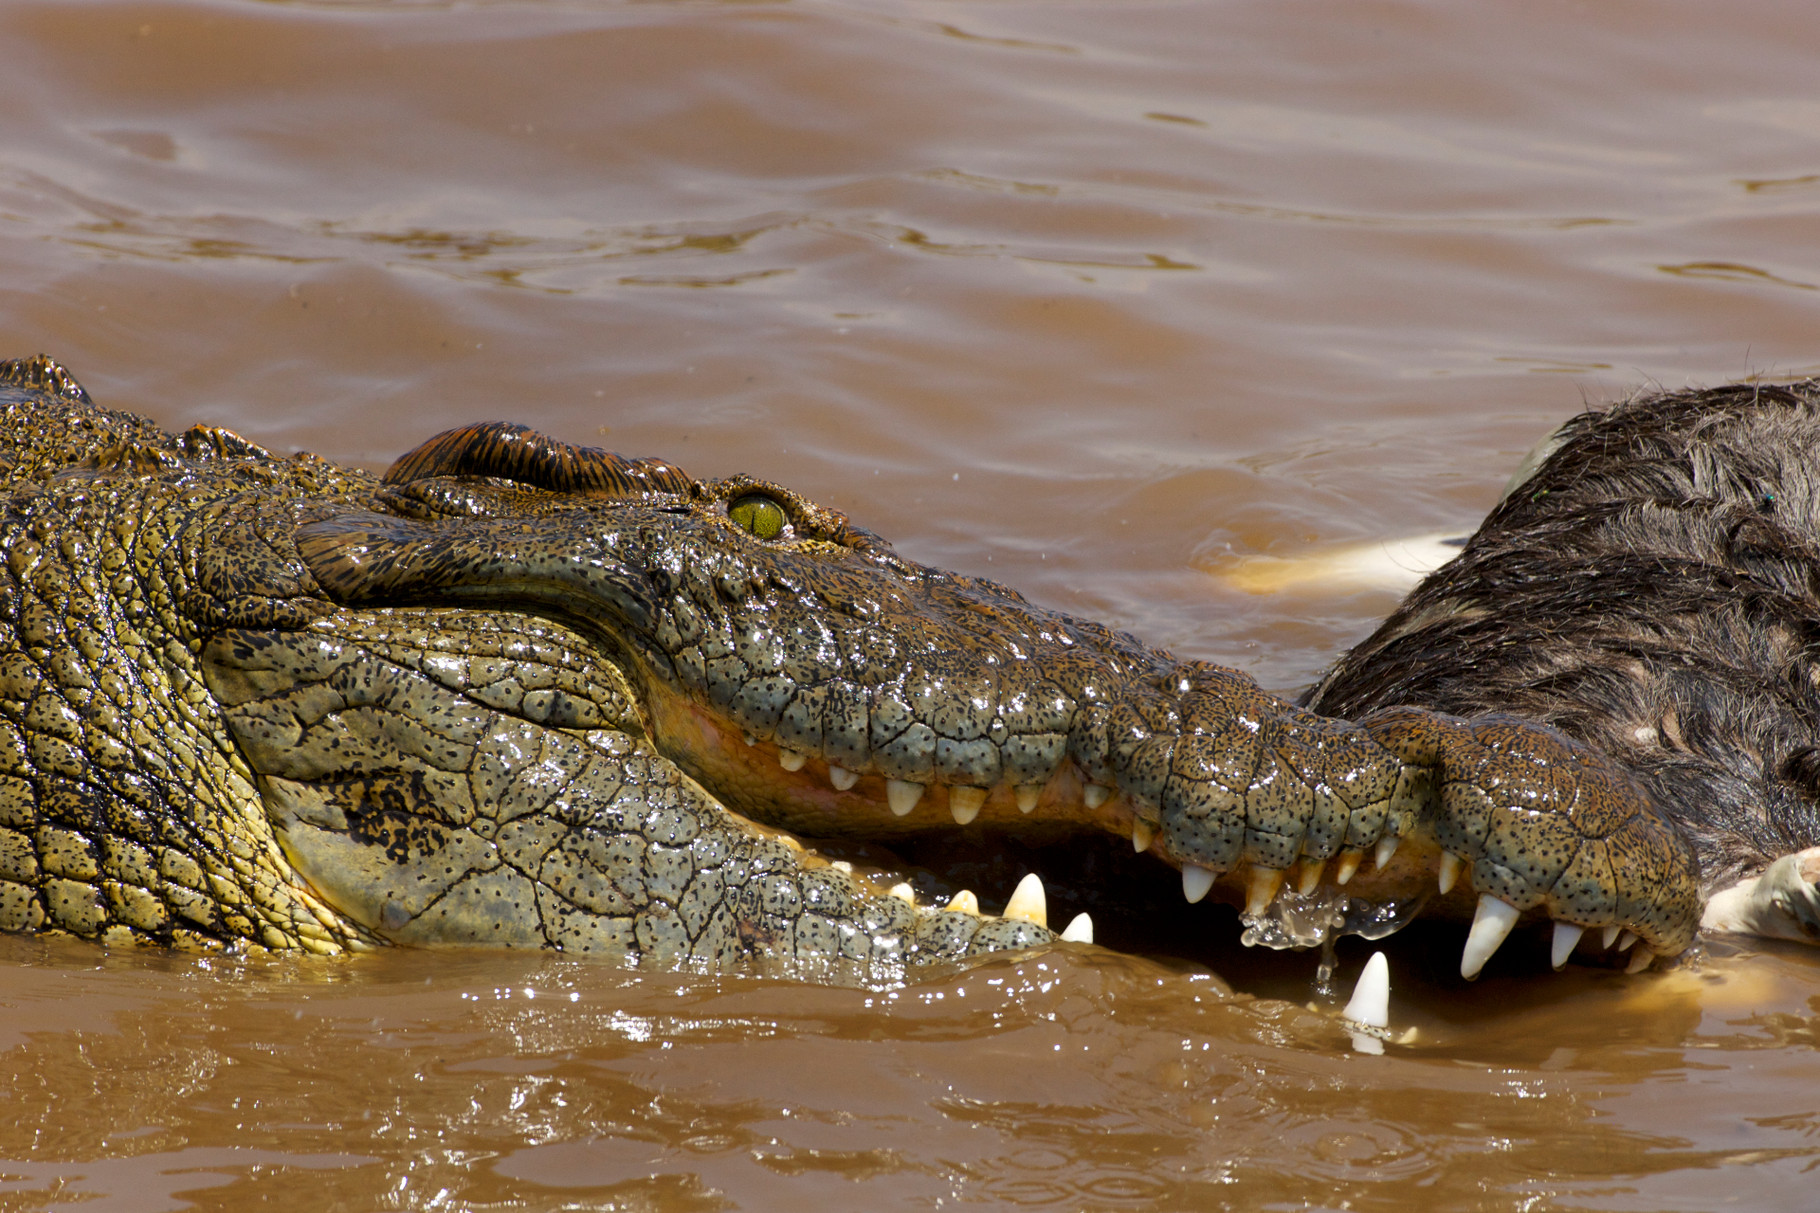 Fiume Mara, Kenya. Coccodrillo del Nilo e Wildebeest (Crocodylus niloticus e Connochaetes taurinus). Un grande coccodrillo si nutre di uno gnu morto. I denti terribili e l'occhio verde del rettile si combinano per un'immagine ad alto impatto